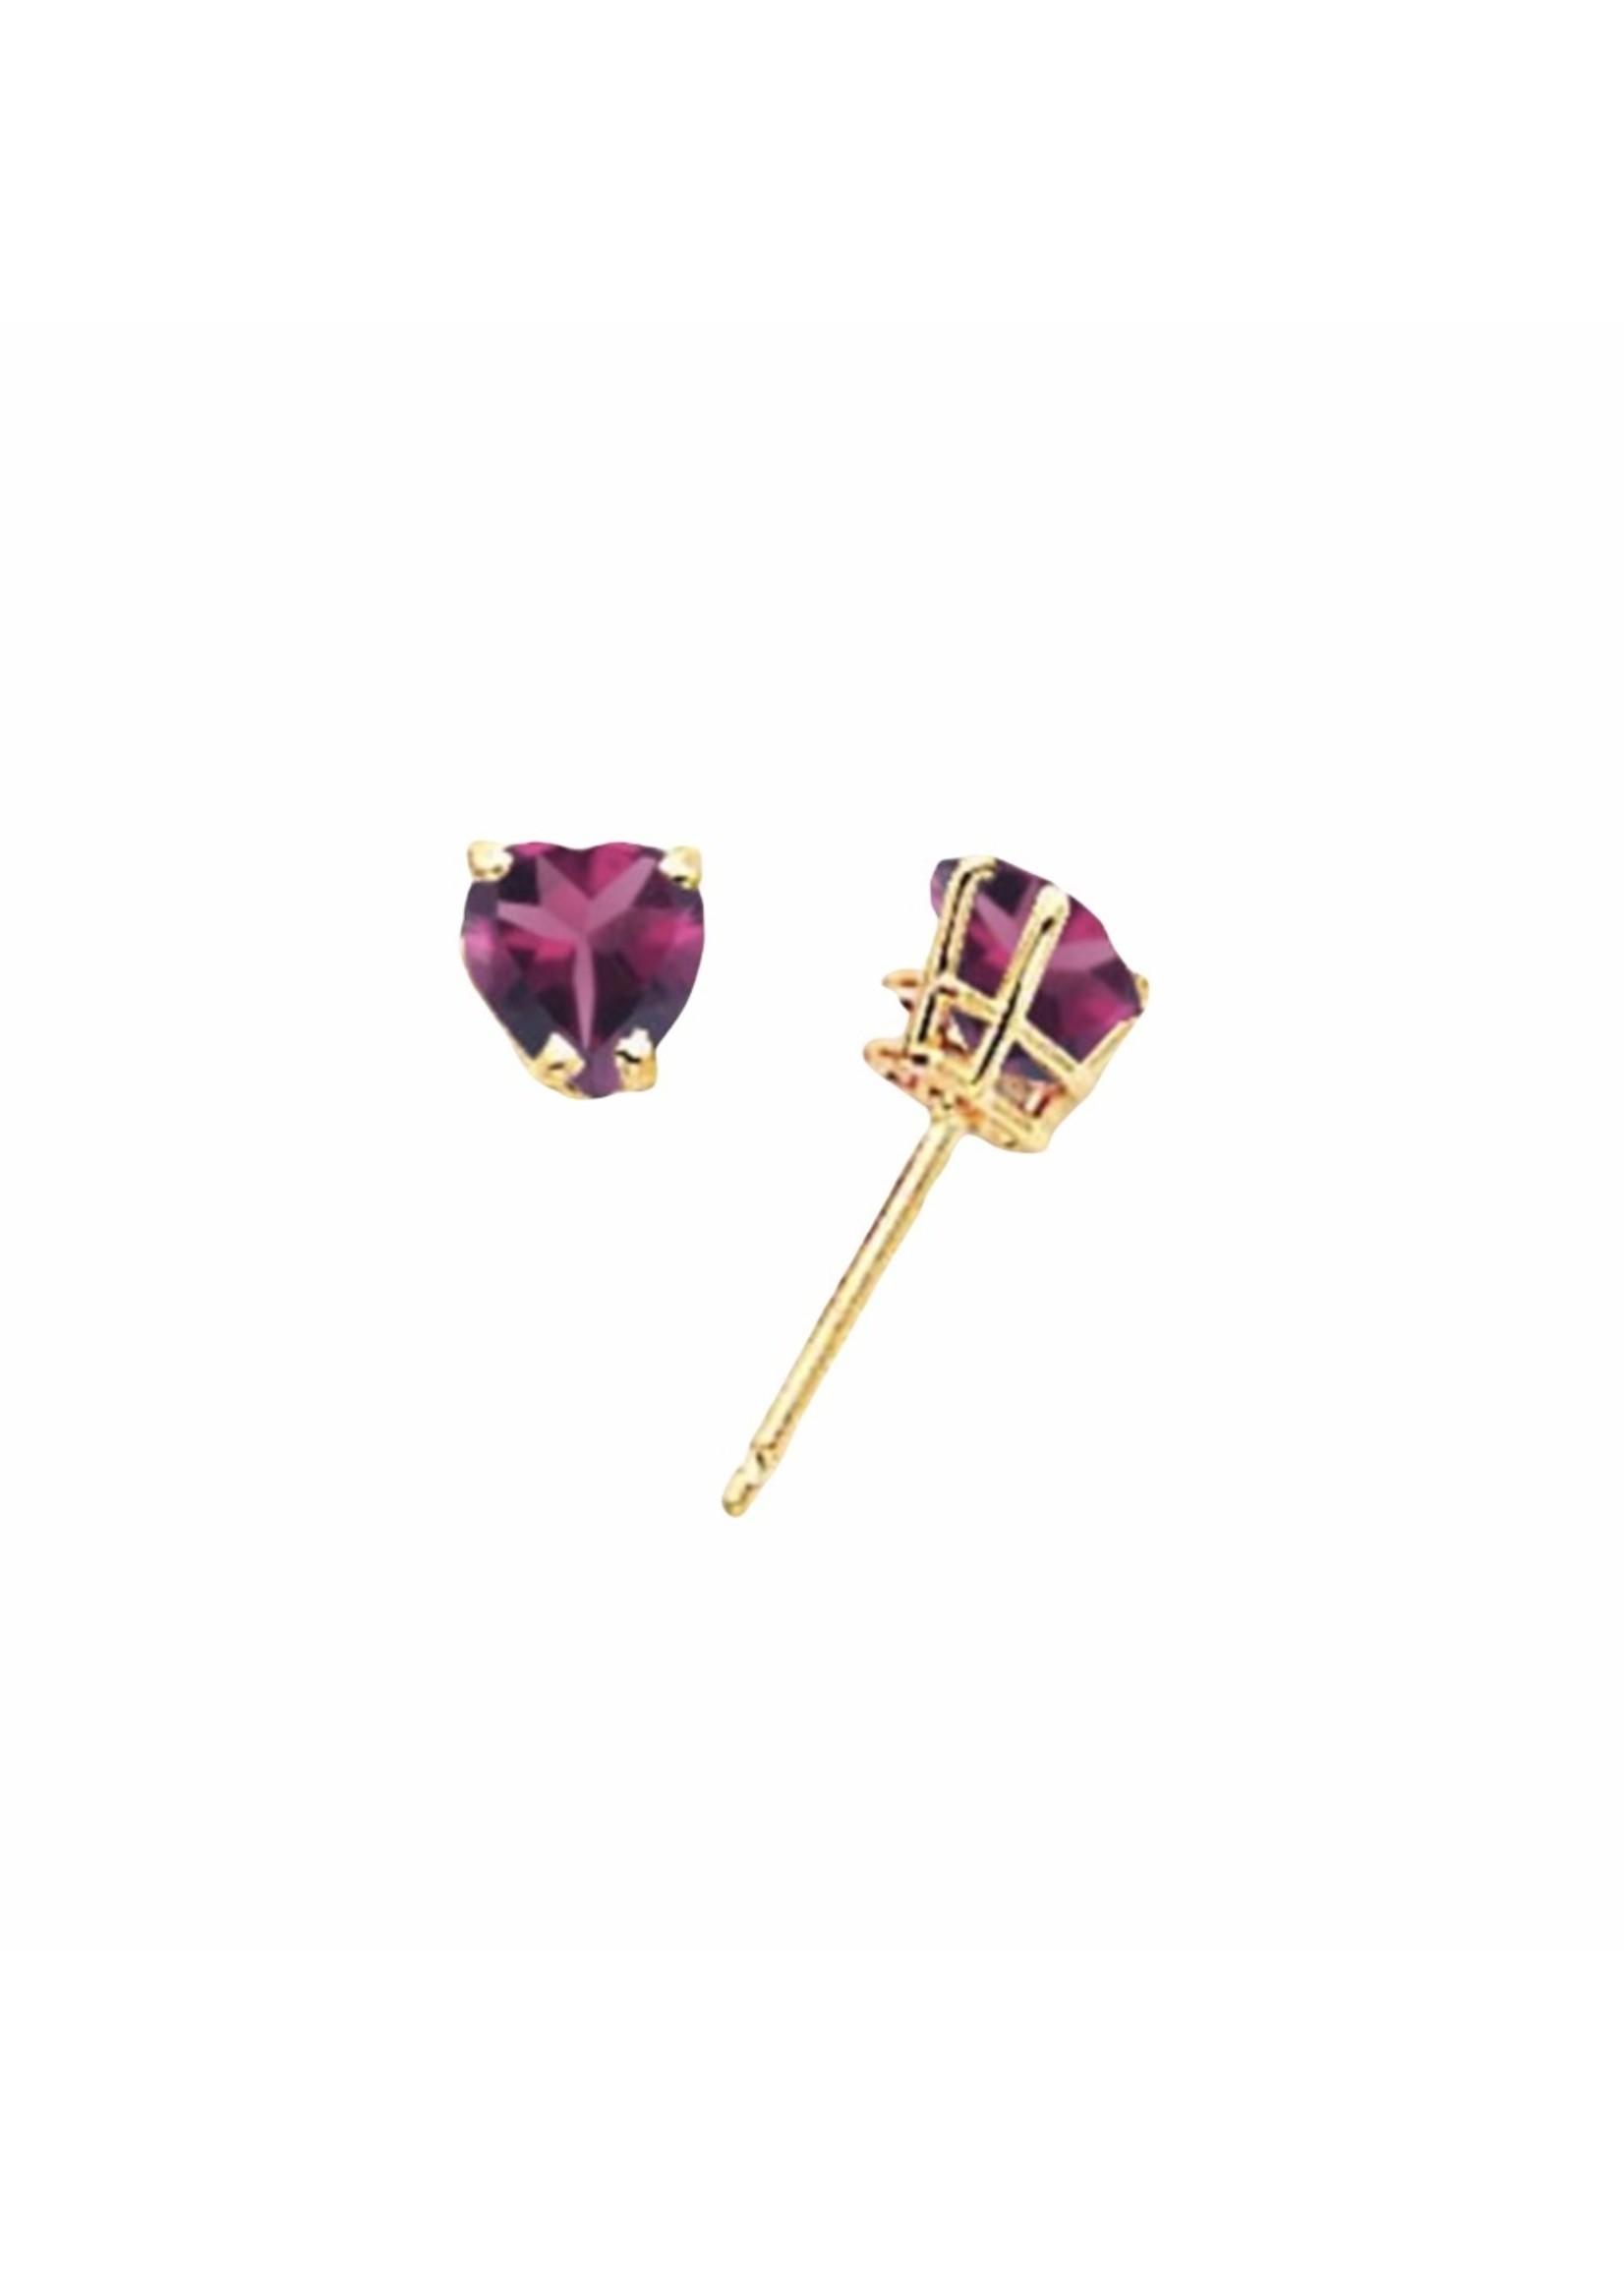 Jill Alberts Heart Rhodolite Garnet Stud Earrings